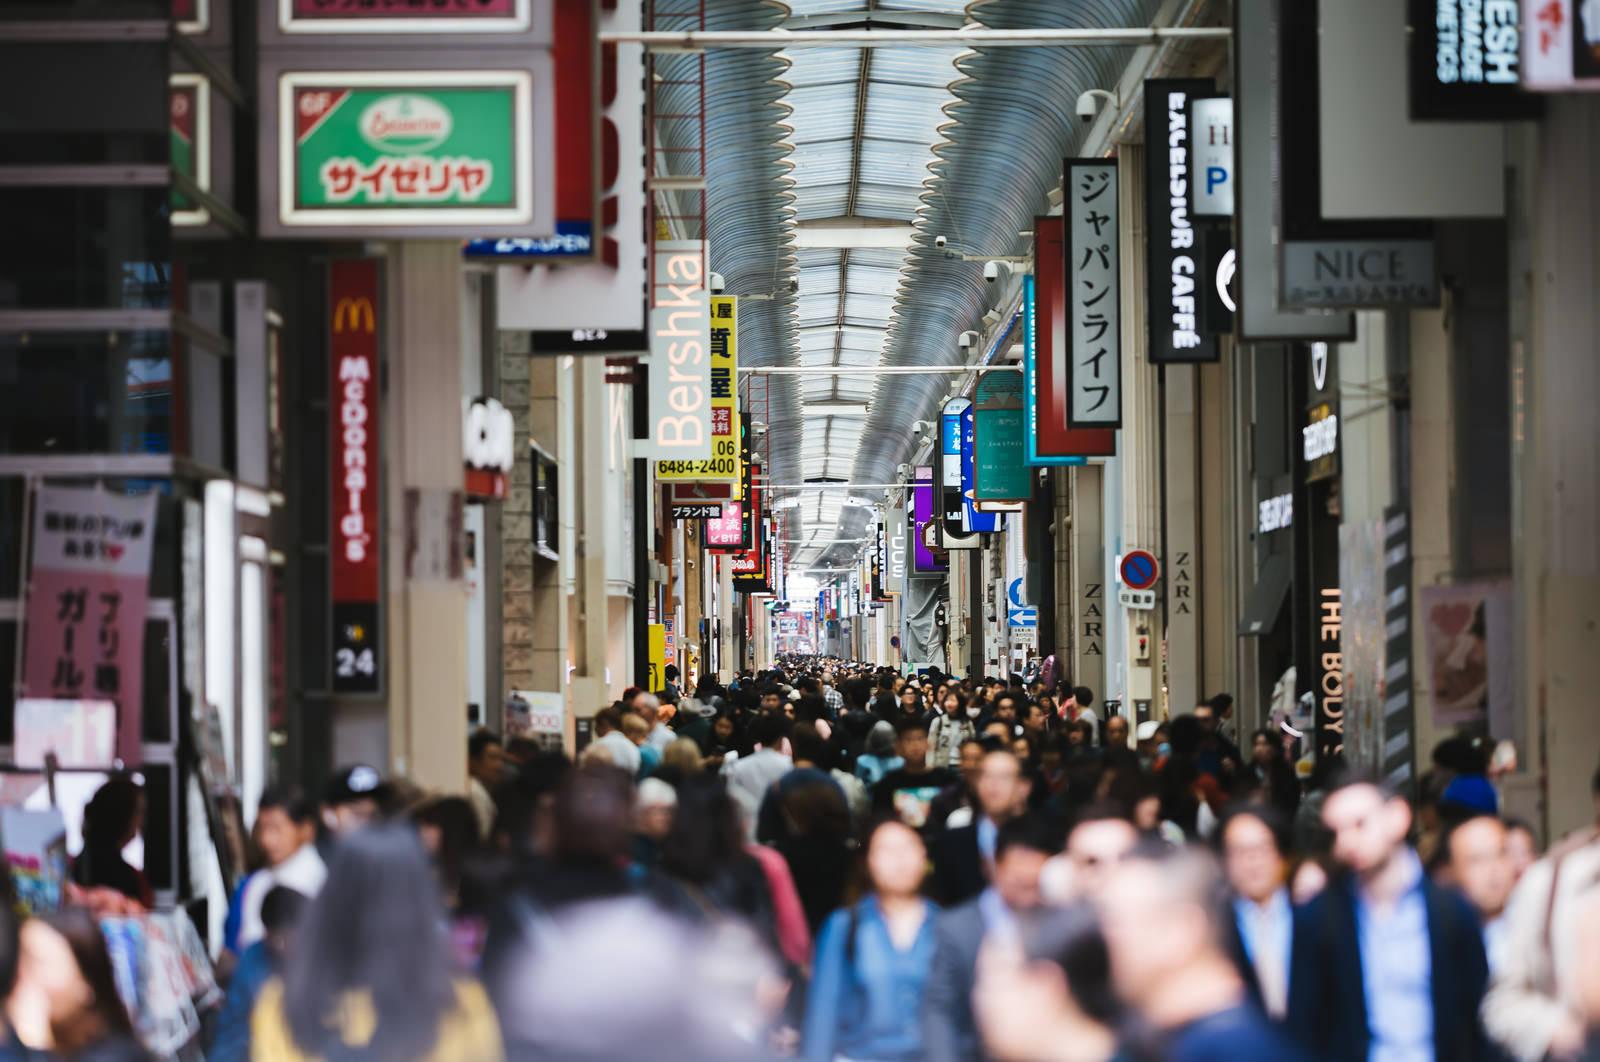 「混雑する心斎橋筋商店街」の写真